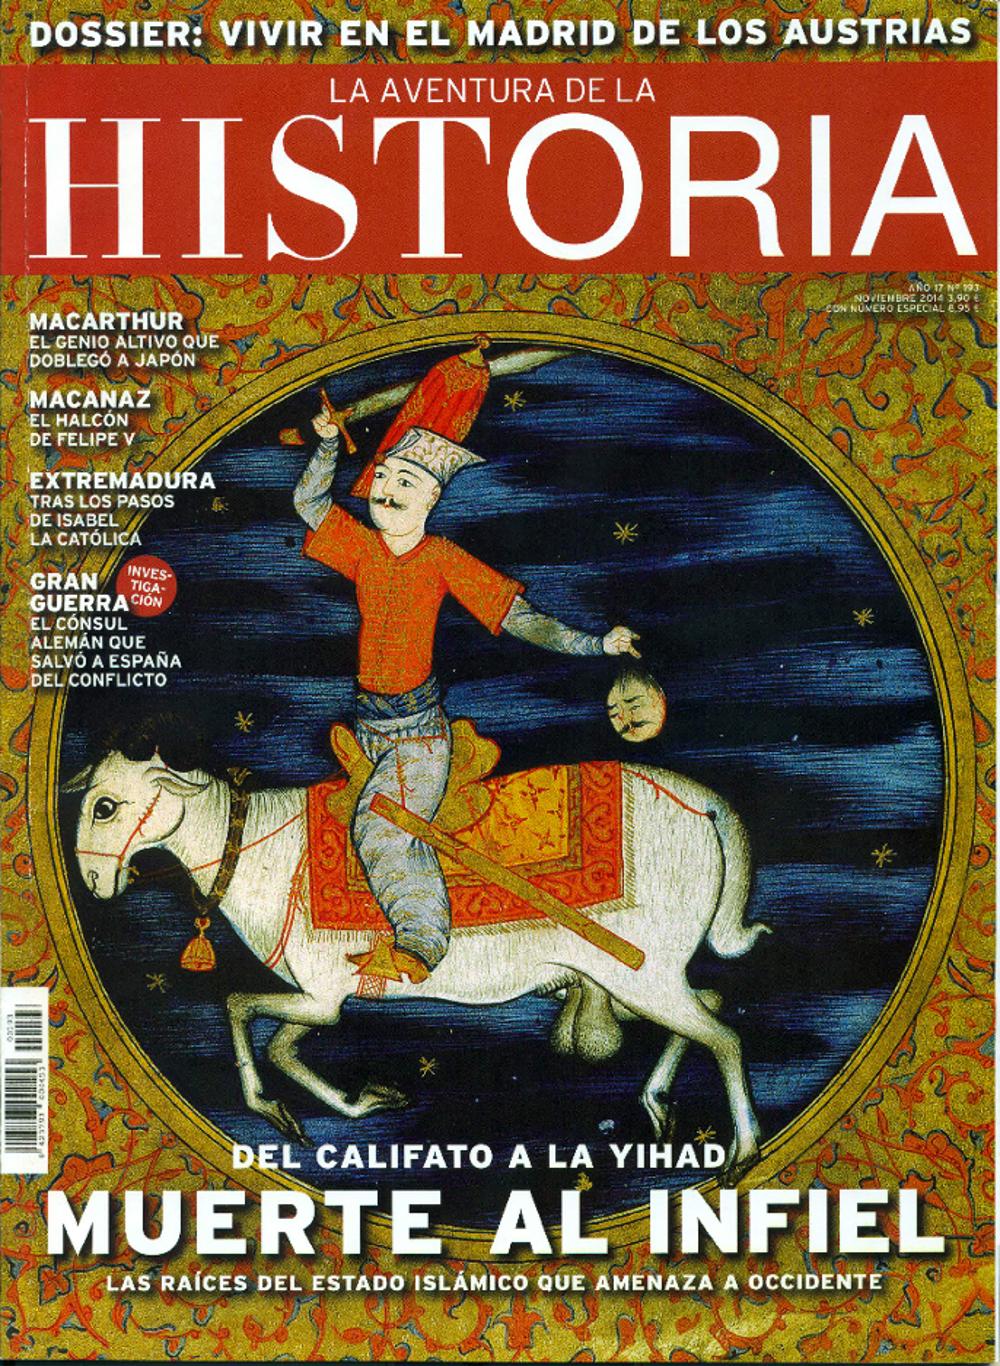 Aventura_de_la_Historia_Page_1